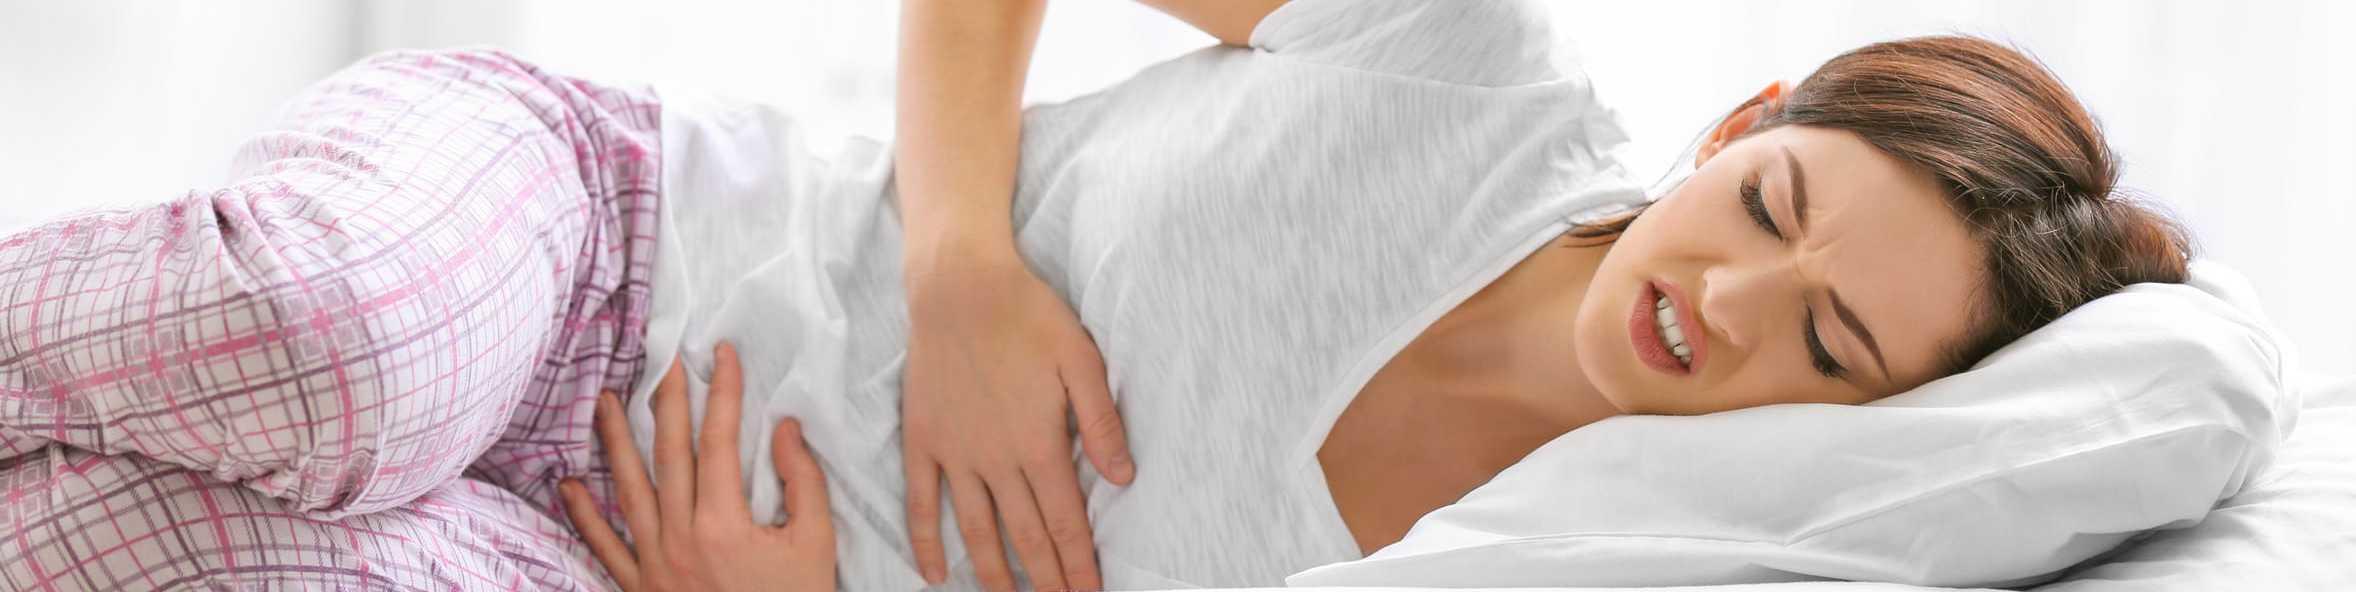 Frau liegt mit unklaren Schmerzen im Bett